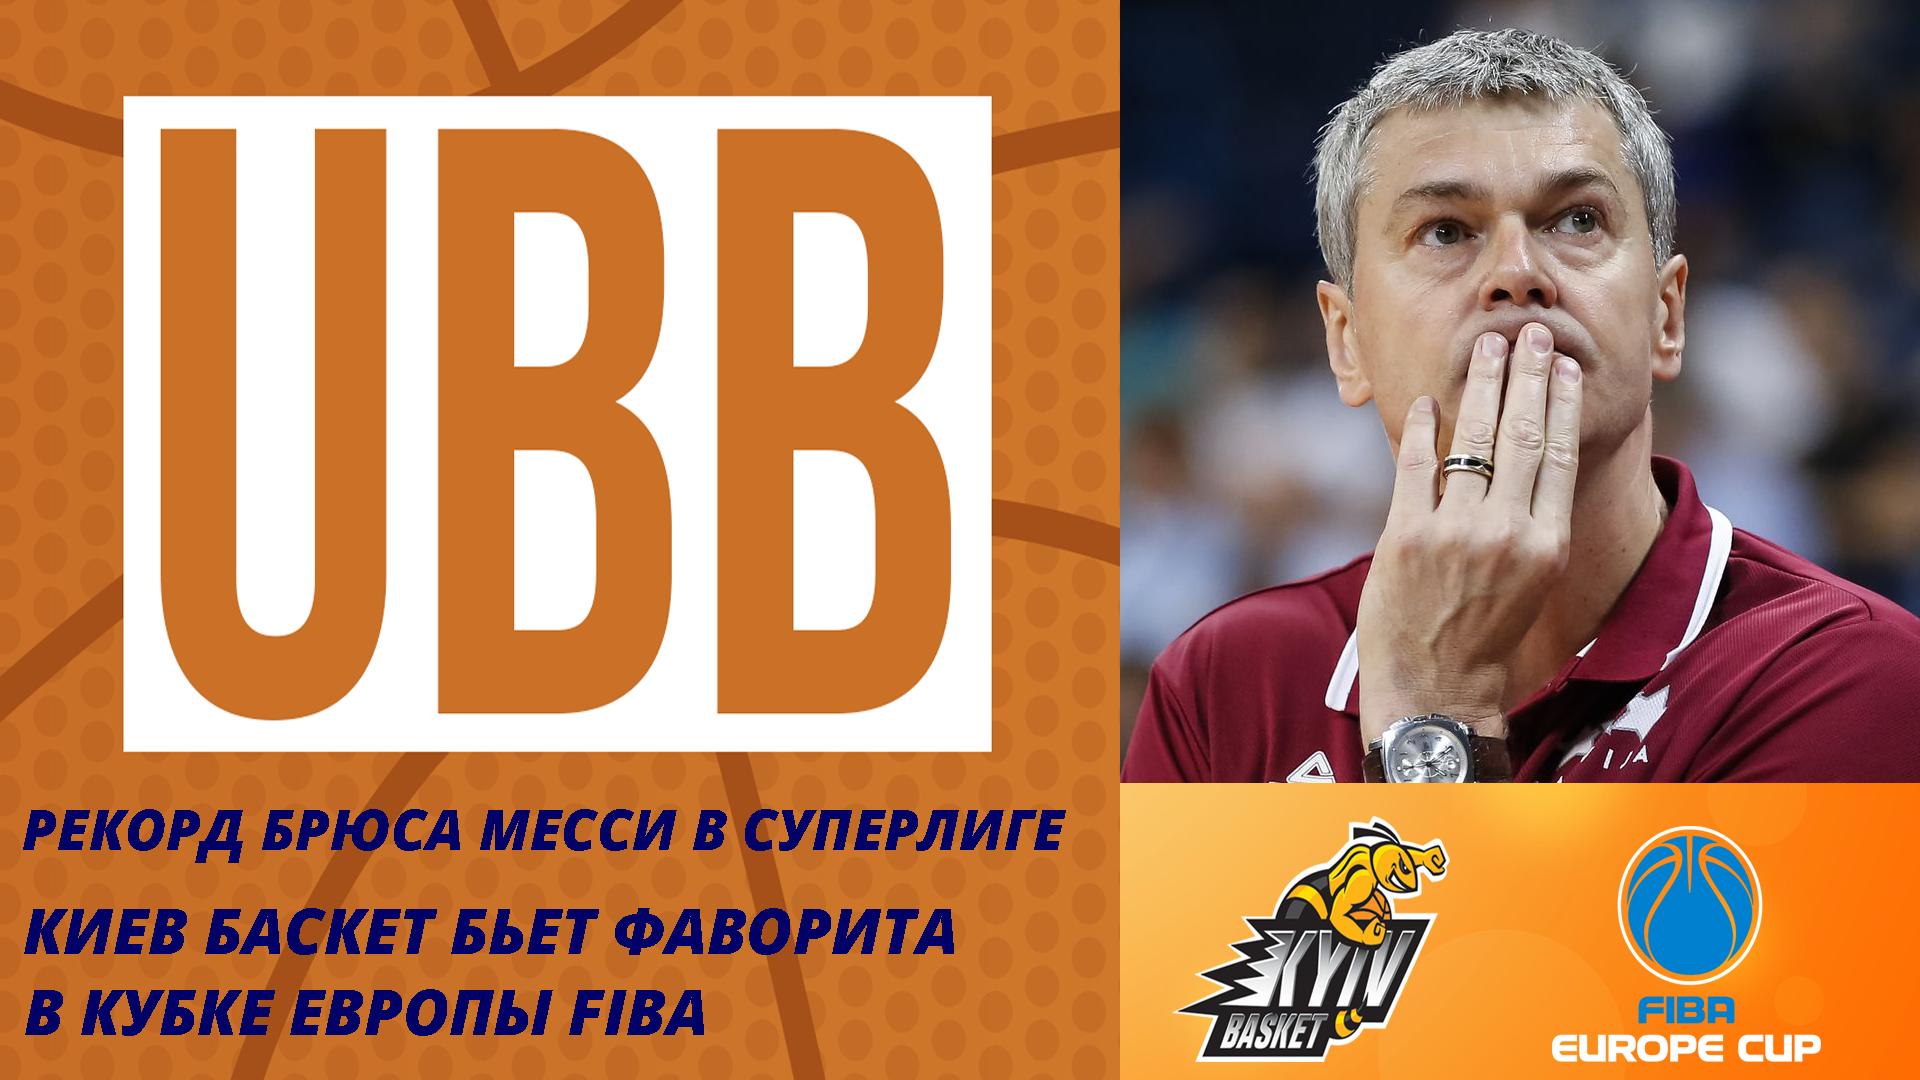 Сенсация Киев-Баскета на евроарене! Брюс Месси устанавливает новый рекорд Суперлиги!